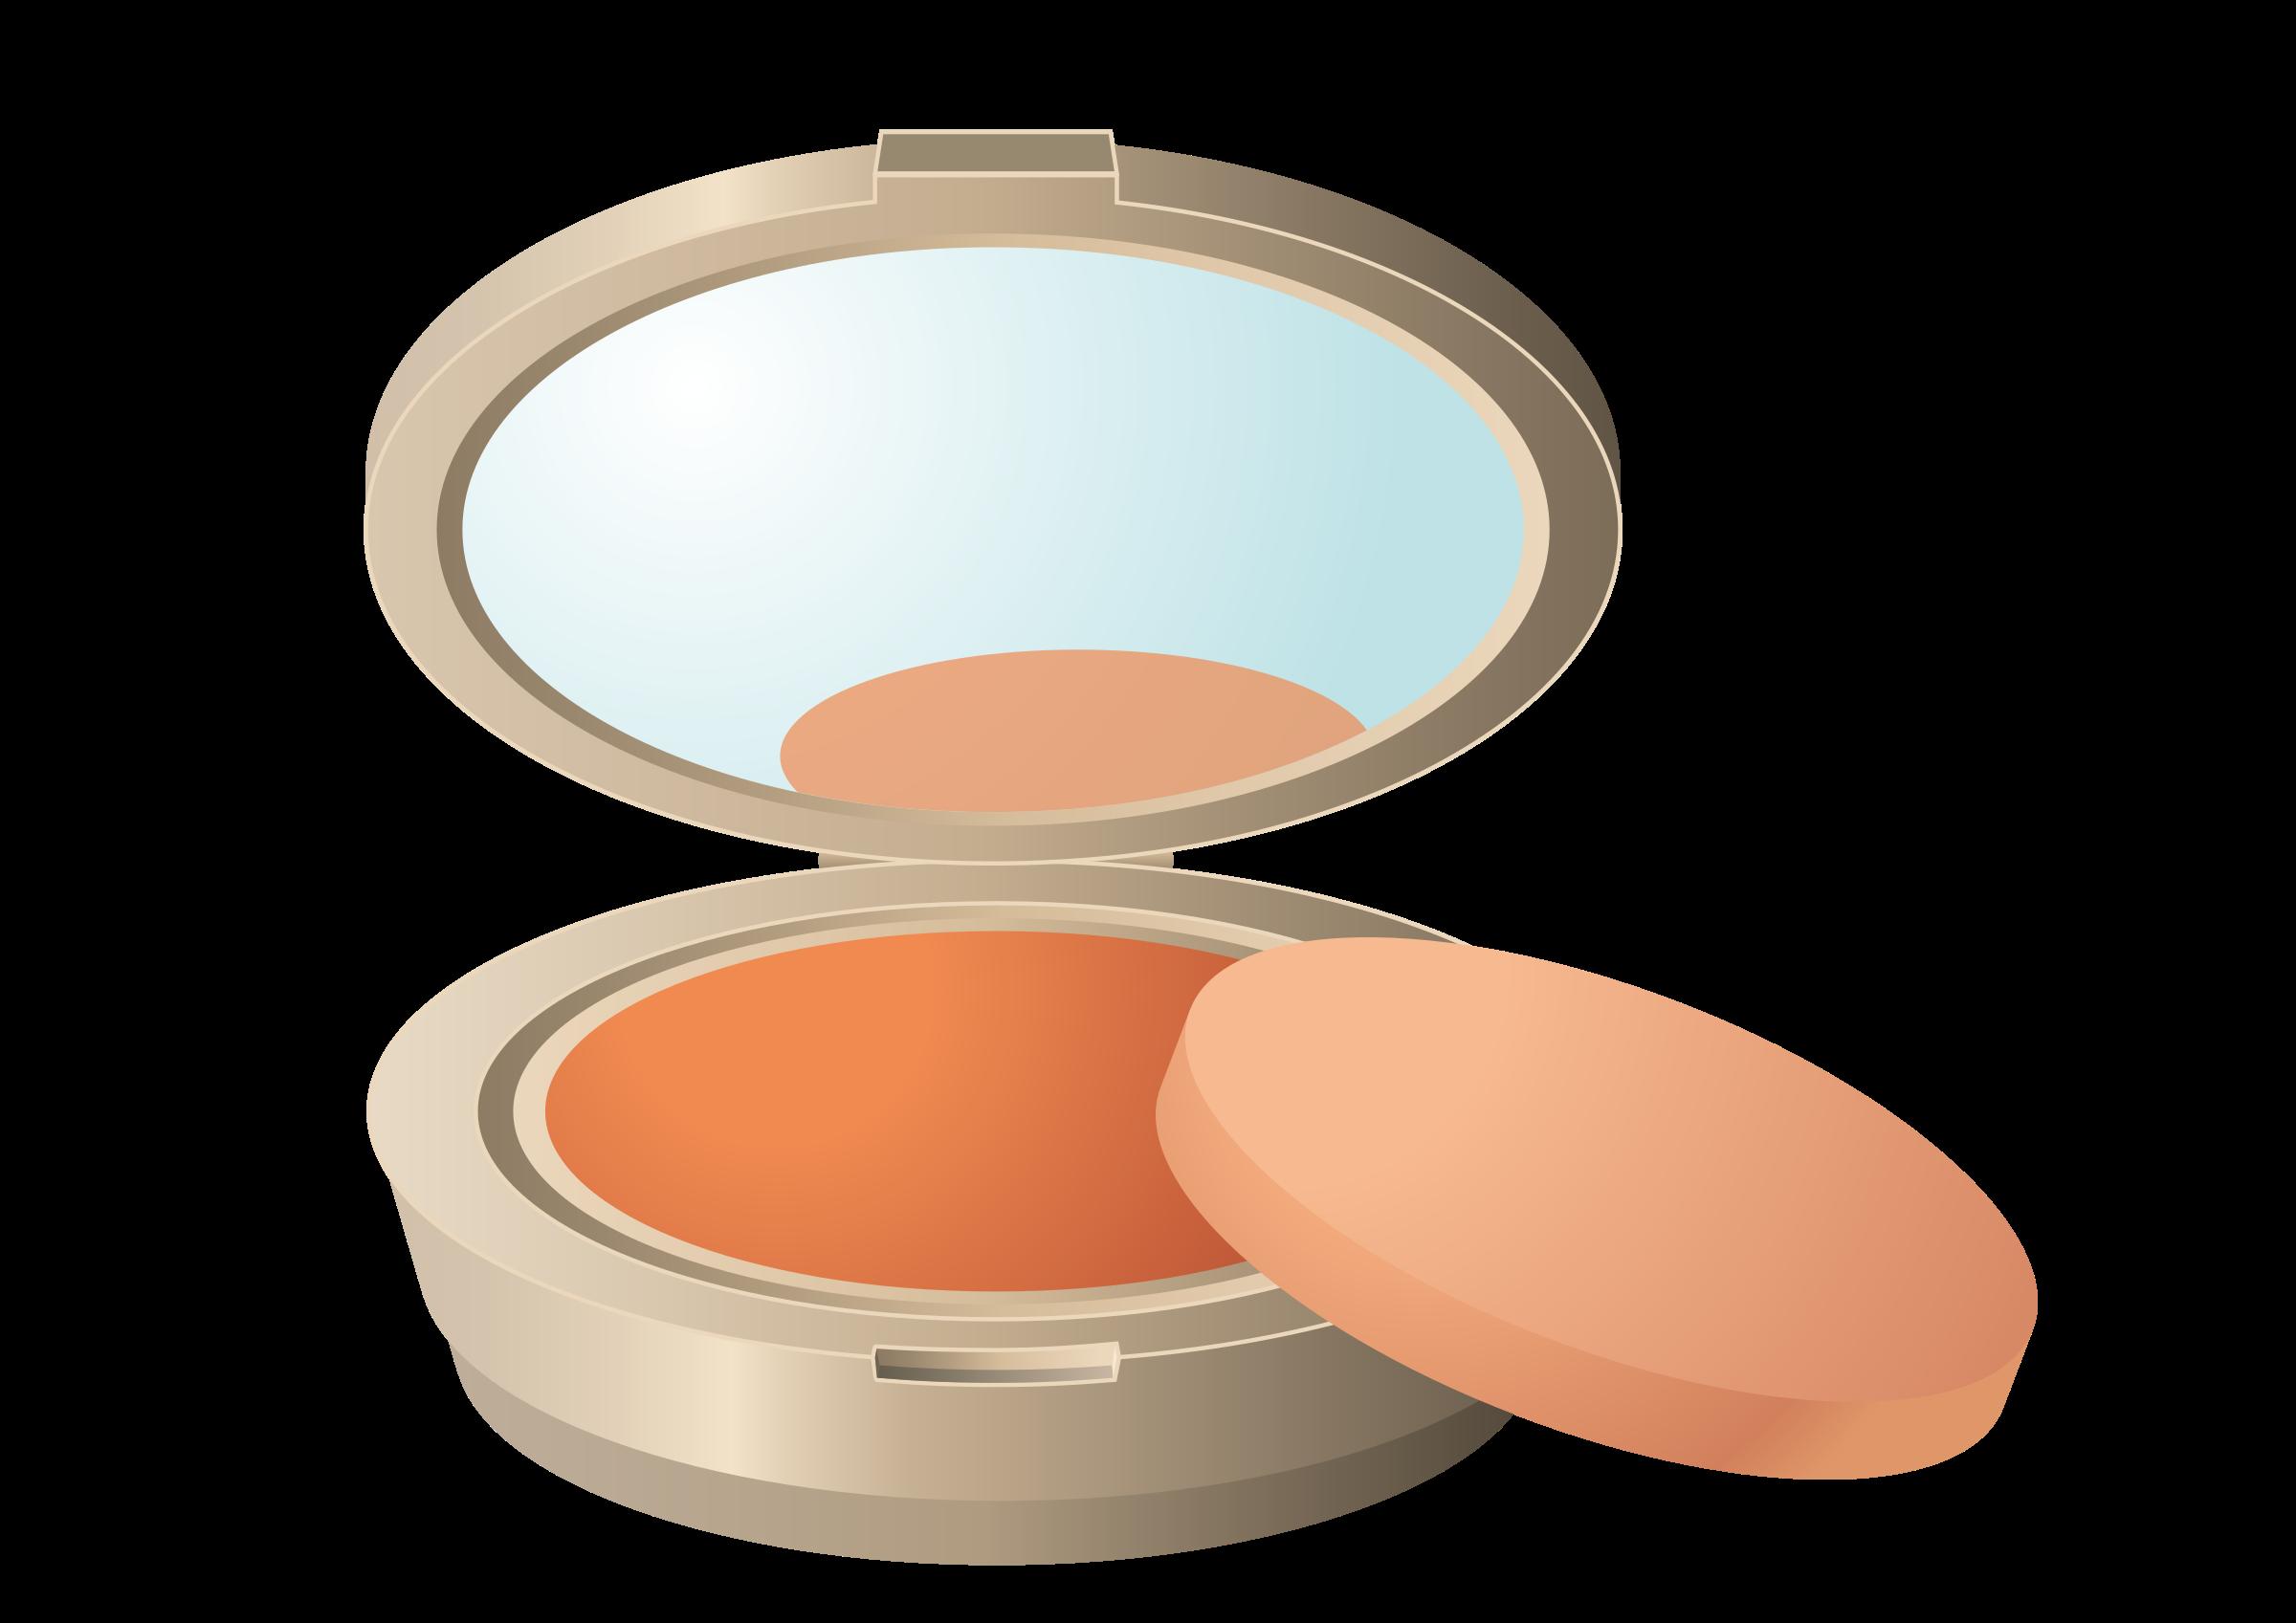 clipart makeup